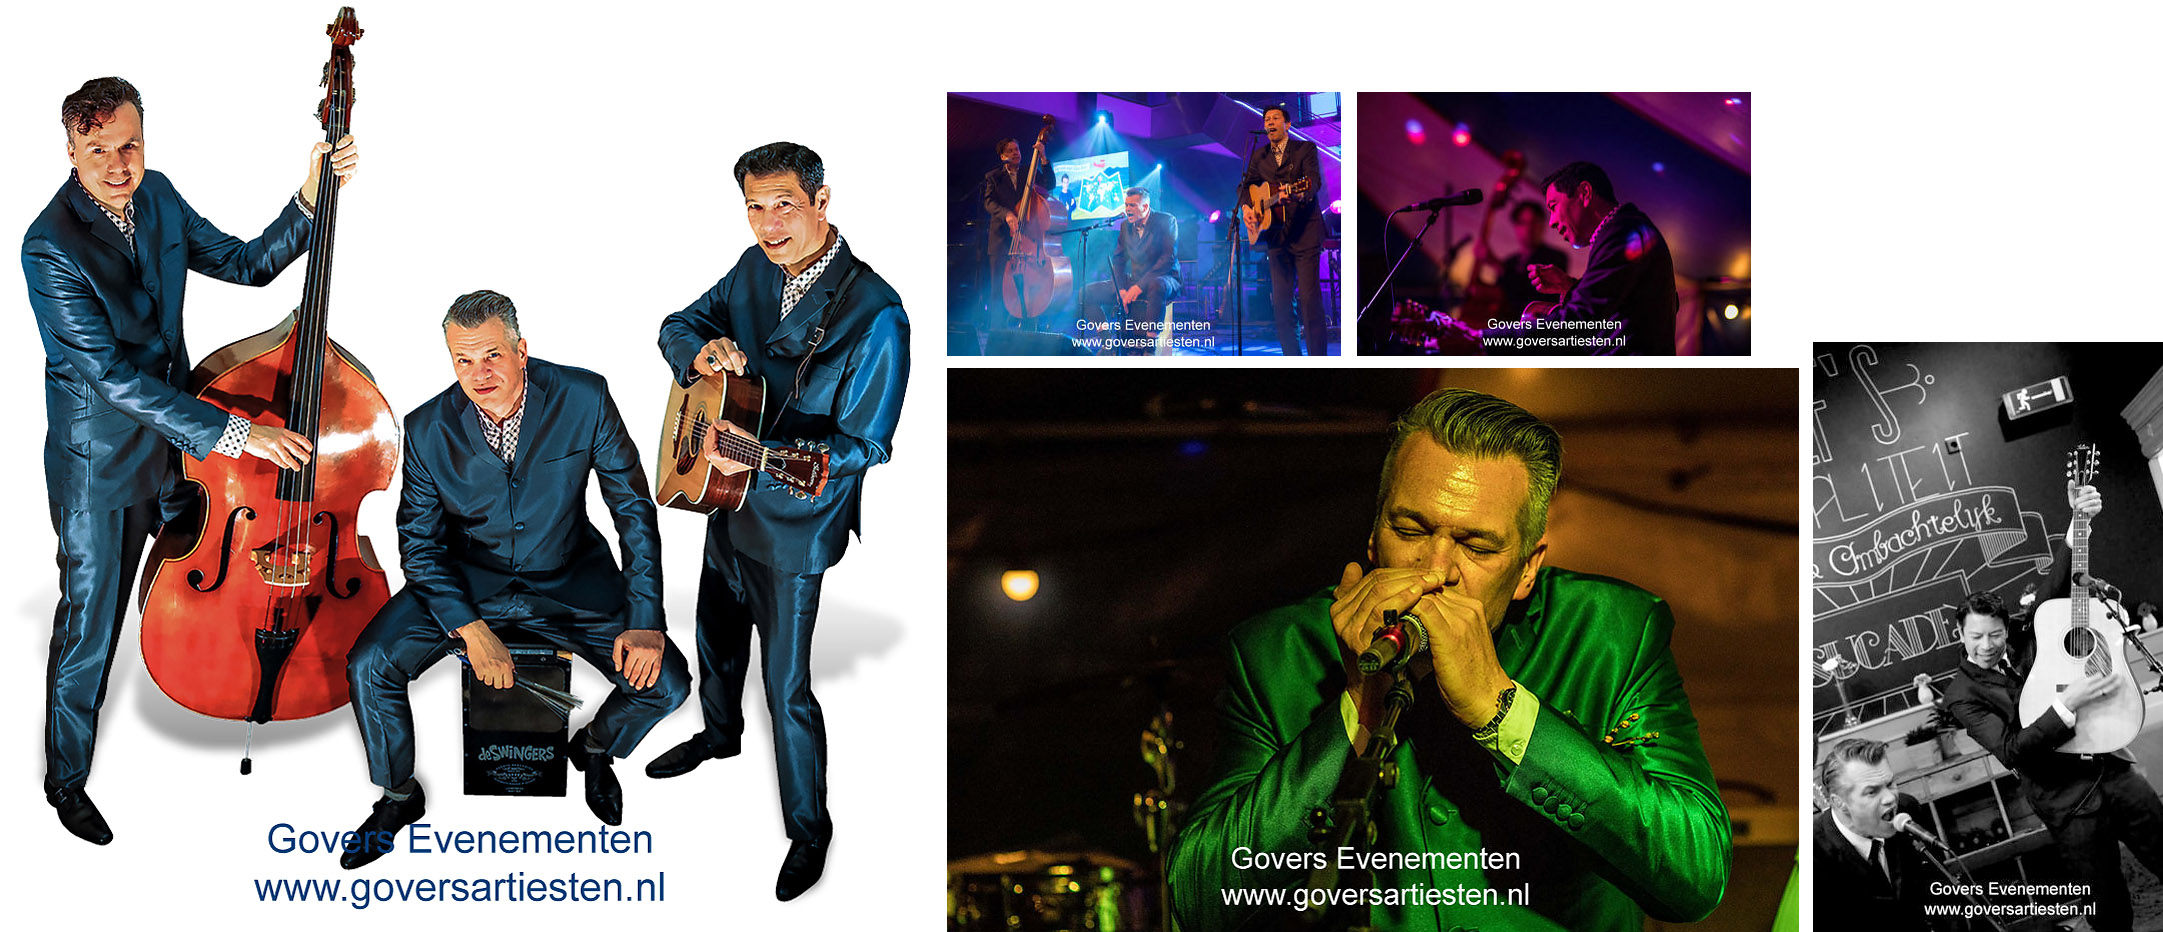 Muzikanten-Bands : Full Swing speelt classic hits uit vervlogen jaren. Akoestische/mobiele trio, bandje, muziektrio, artiesten boeken, artiestenbureau, thema feest, muzikanten, band, Govers Evenementen, www.goversartiesten.nl